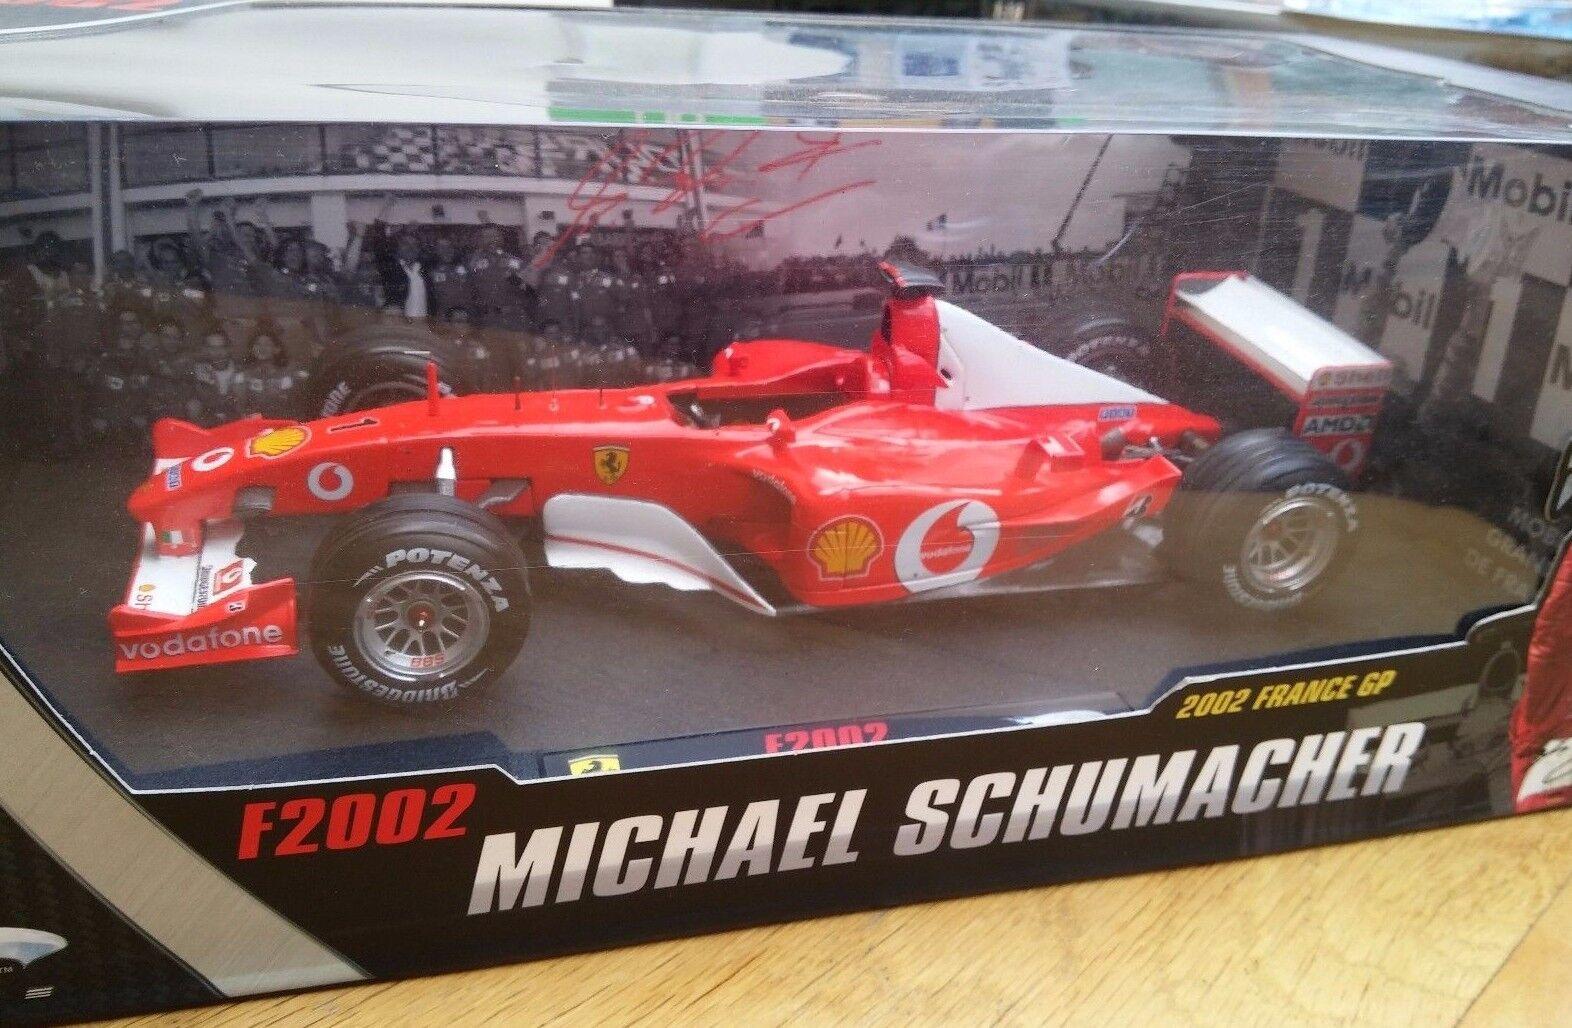 Mattel N2074 N2075 N2076 N2077 F1 Modelo de Coche M Schumacher 2000 01 02 2003 1 18th